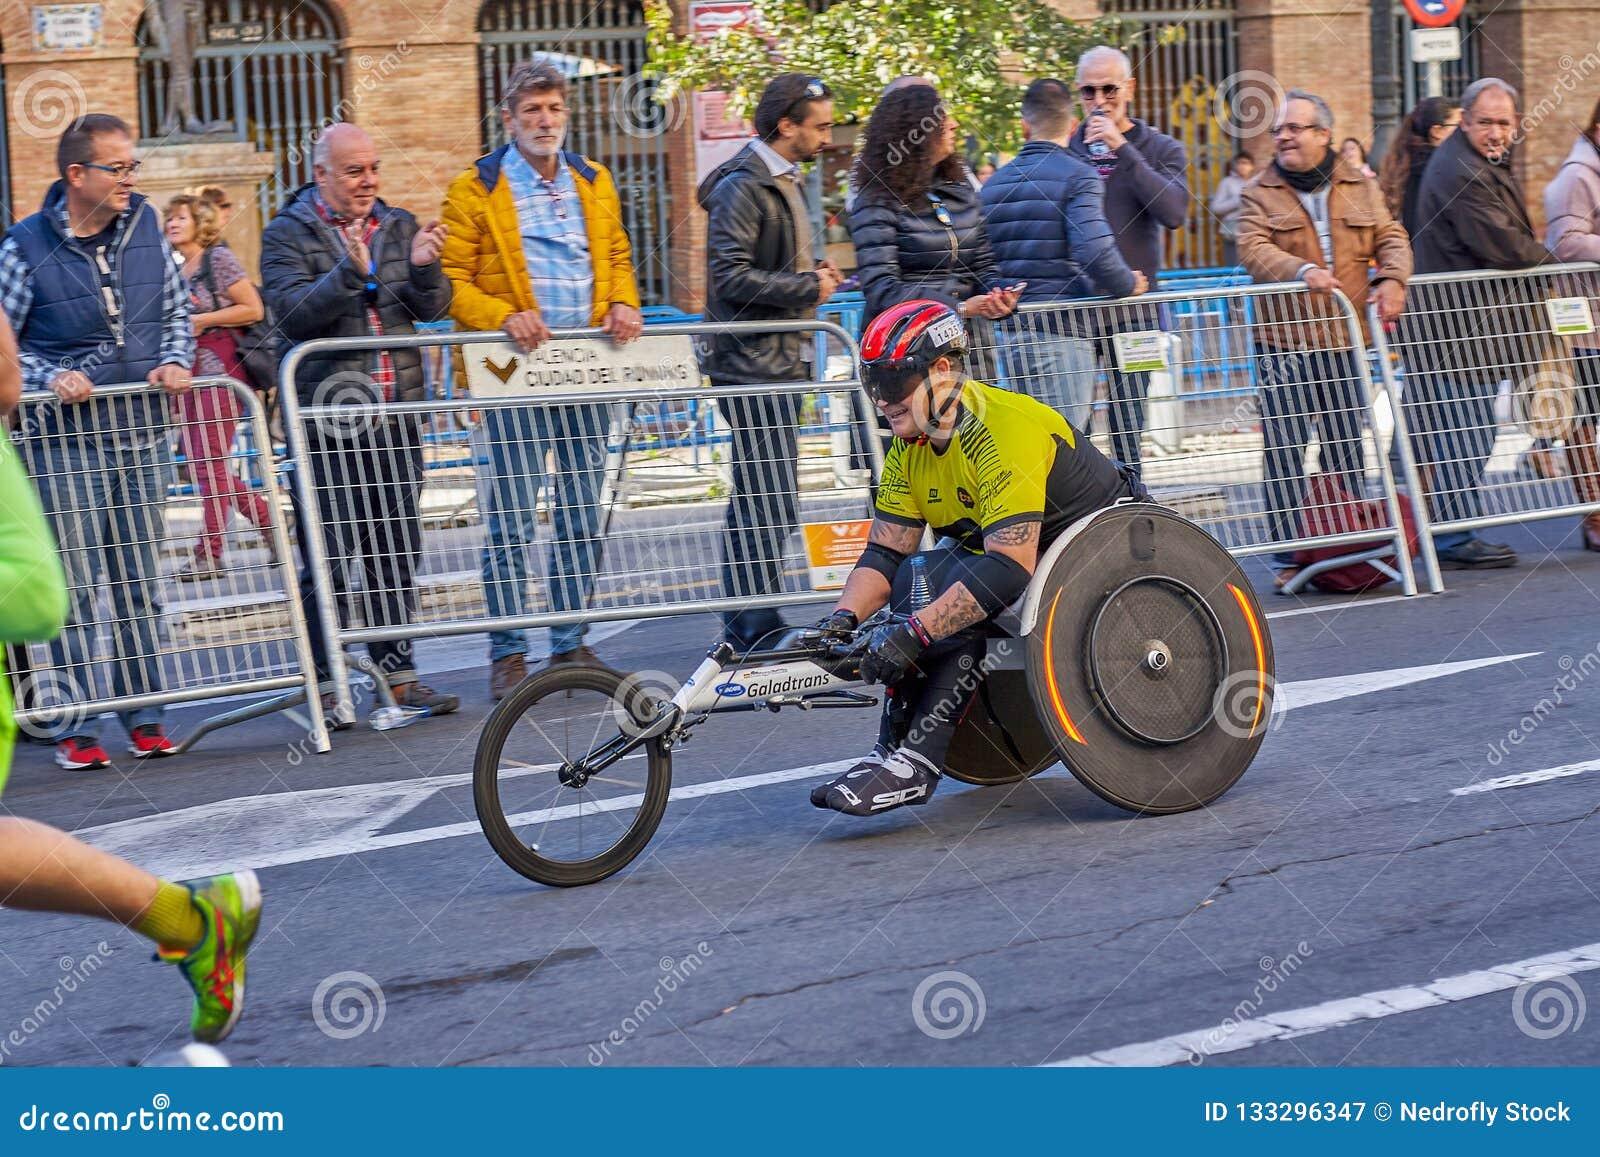 VALENCIA, ESPAÑA - 2 DE DICIEMBRE: Los corredores compiten en una silla de ruedas en el XXXVIII Valencia Marathon el 18 de diciem